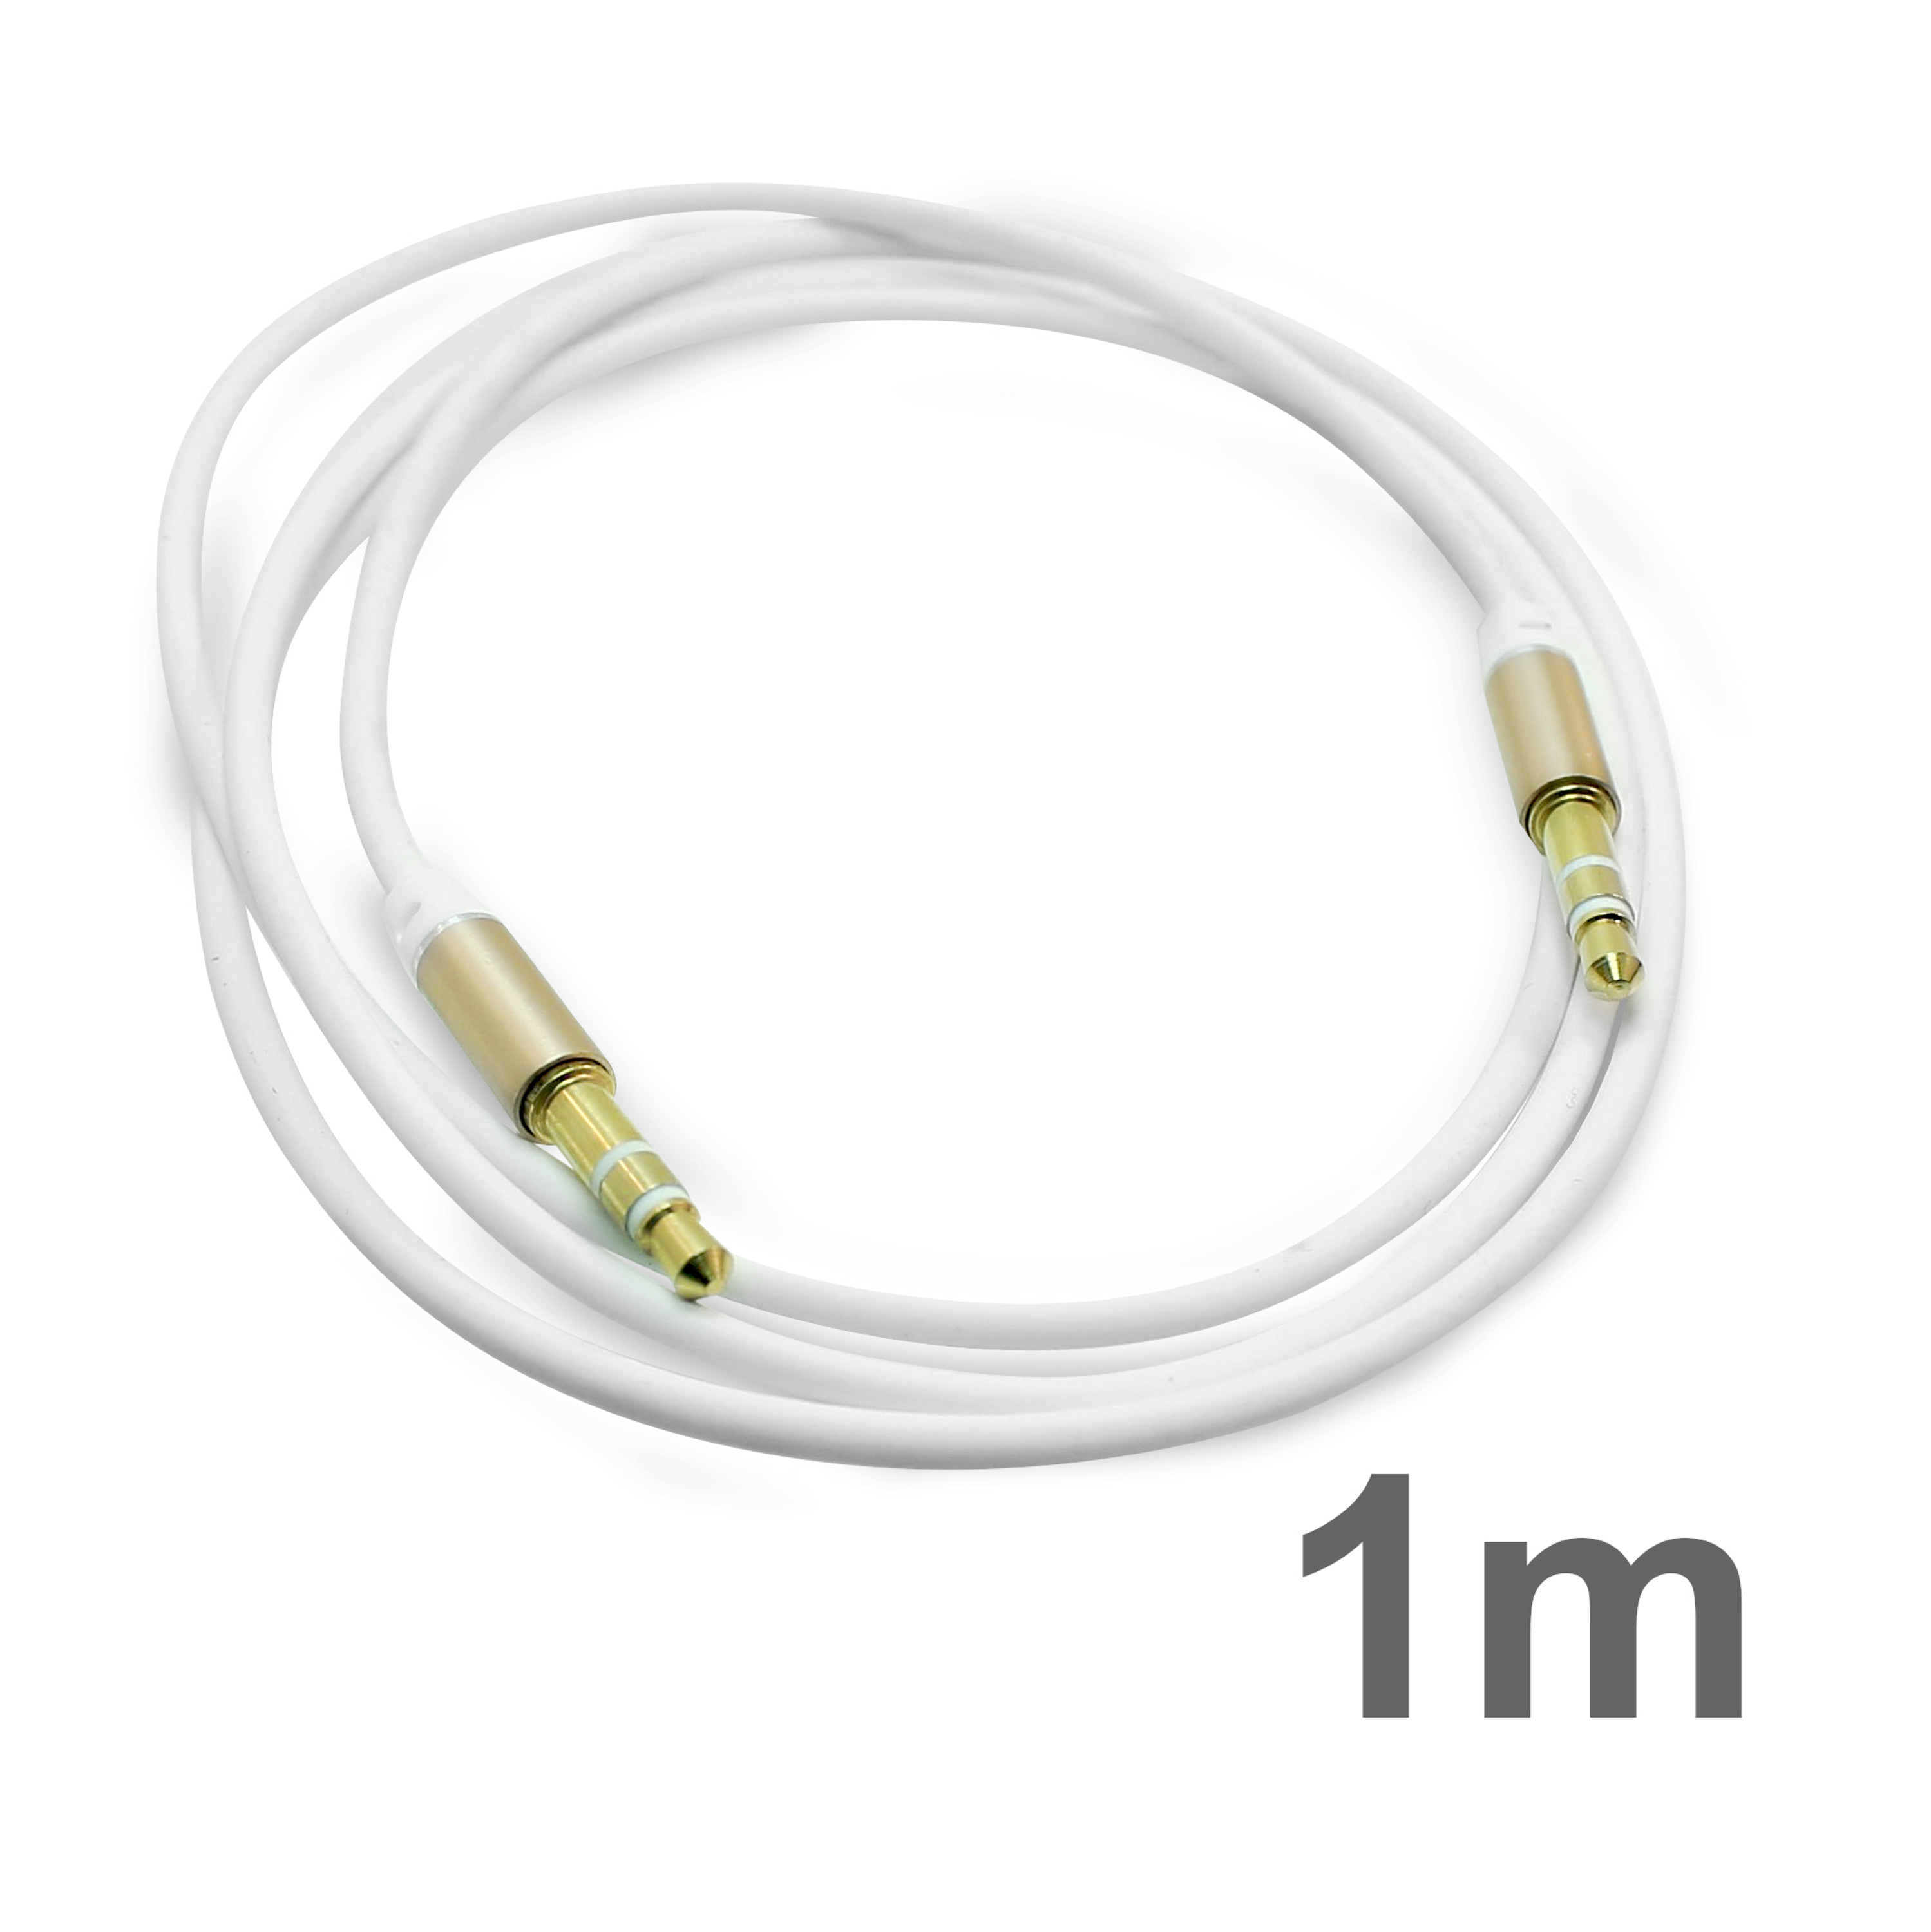 Aux Kabel 1M 3,5mm Stereo Klinken Kabel Audio Klinke für Handy MP3 Auto Stecker